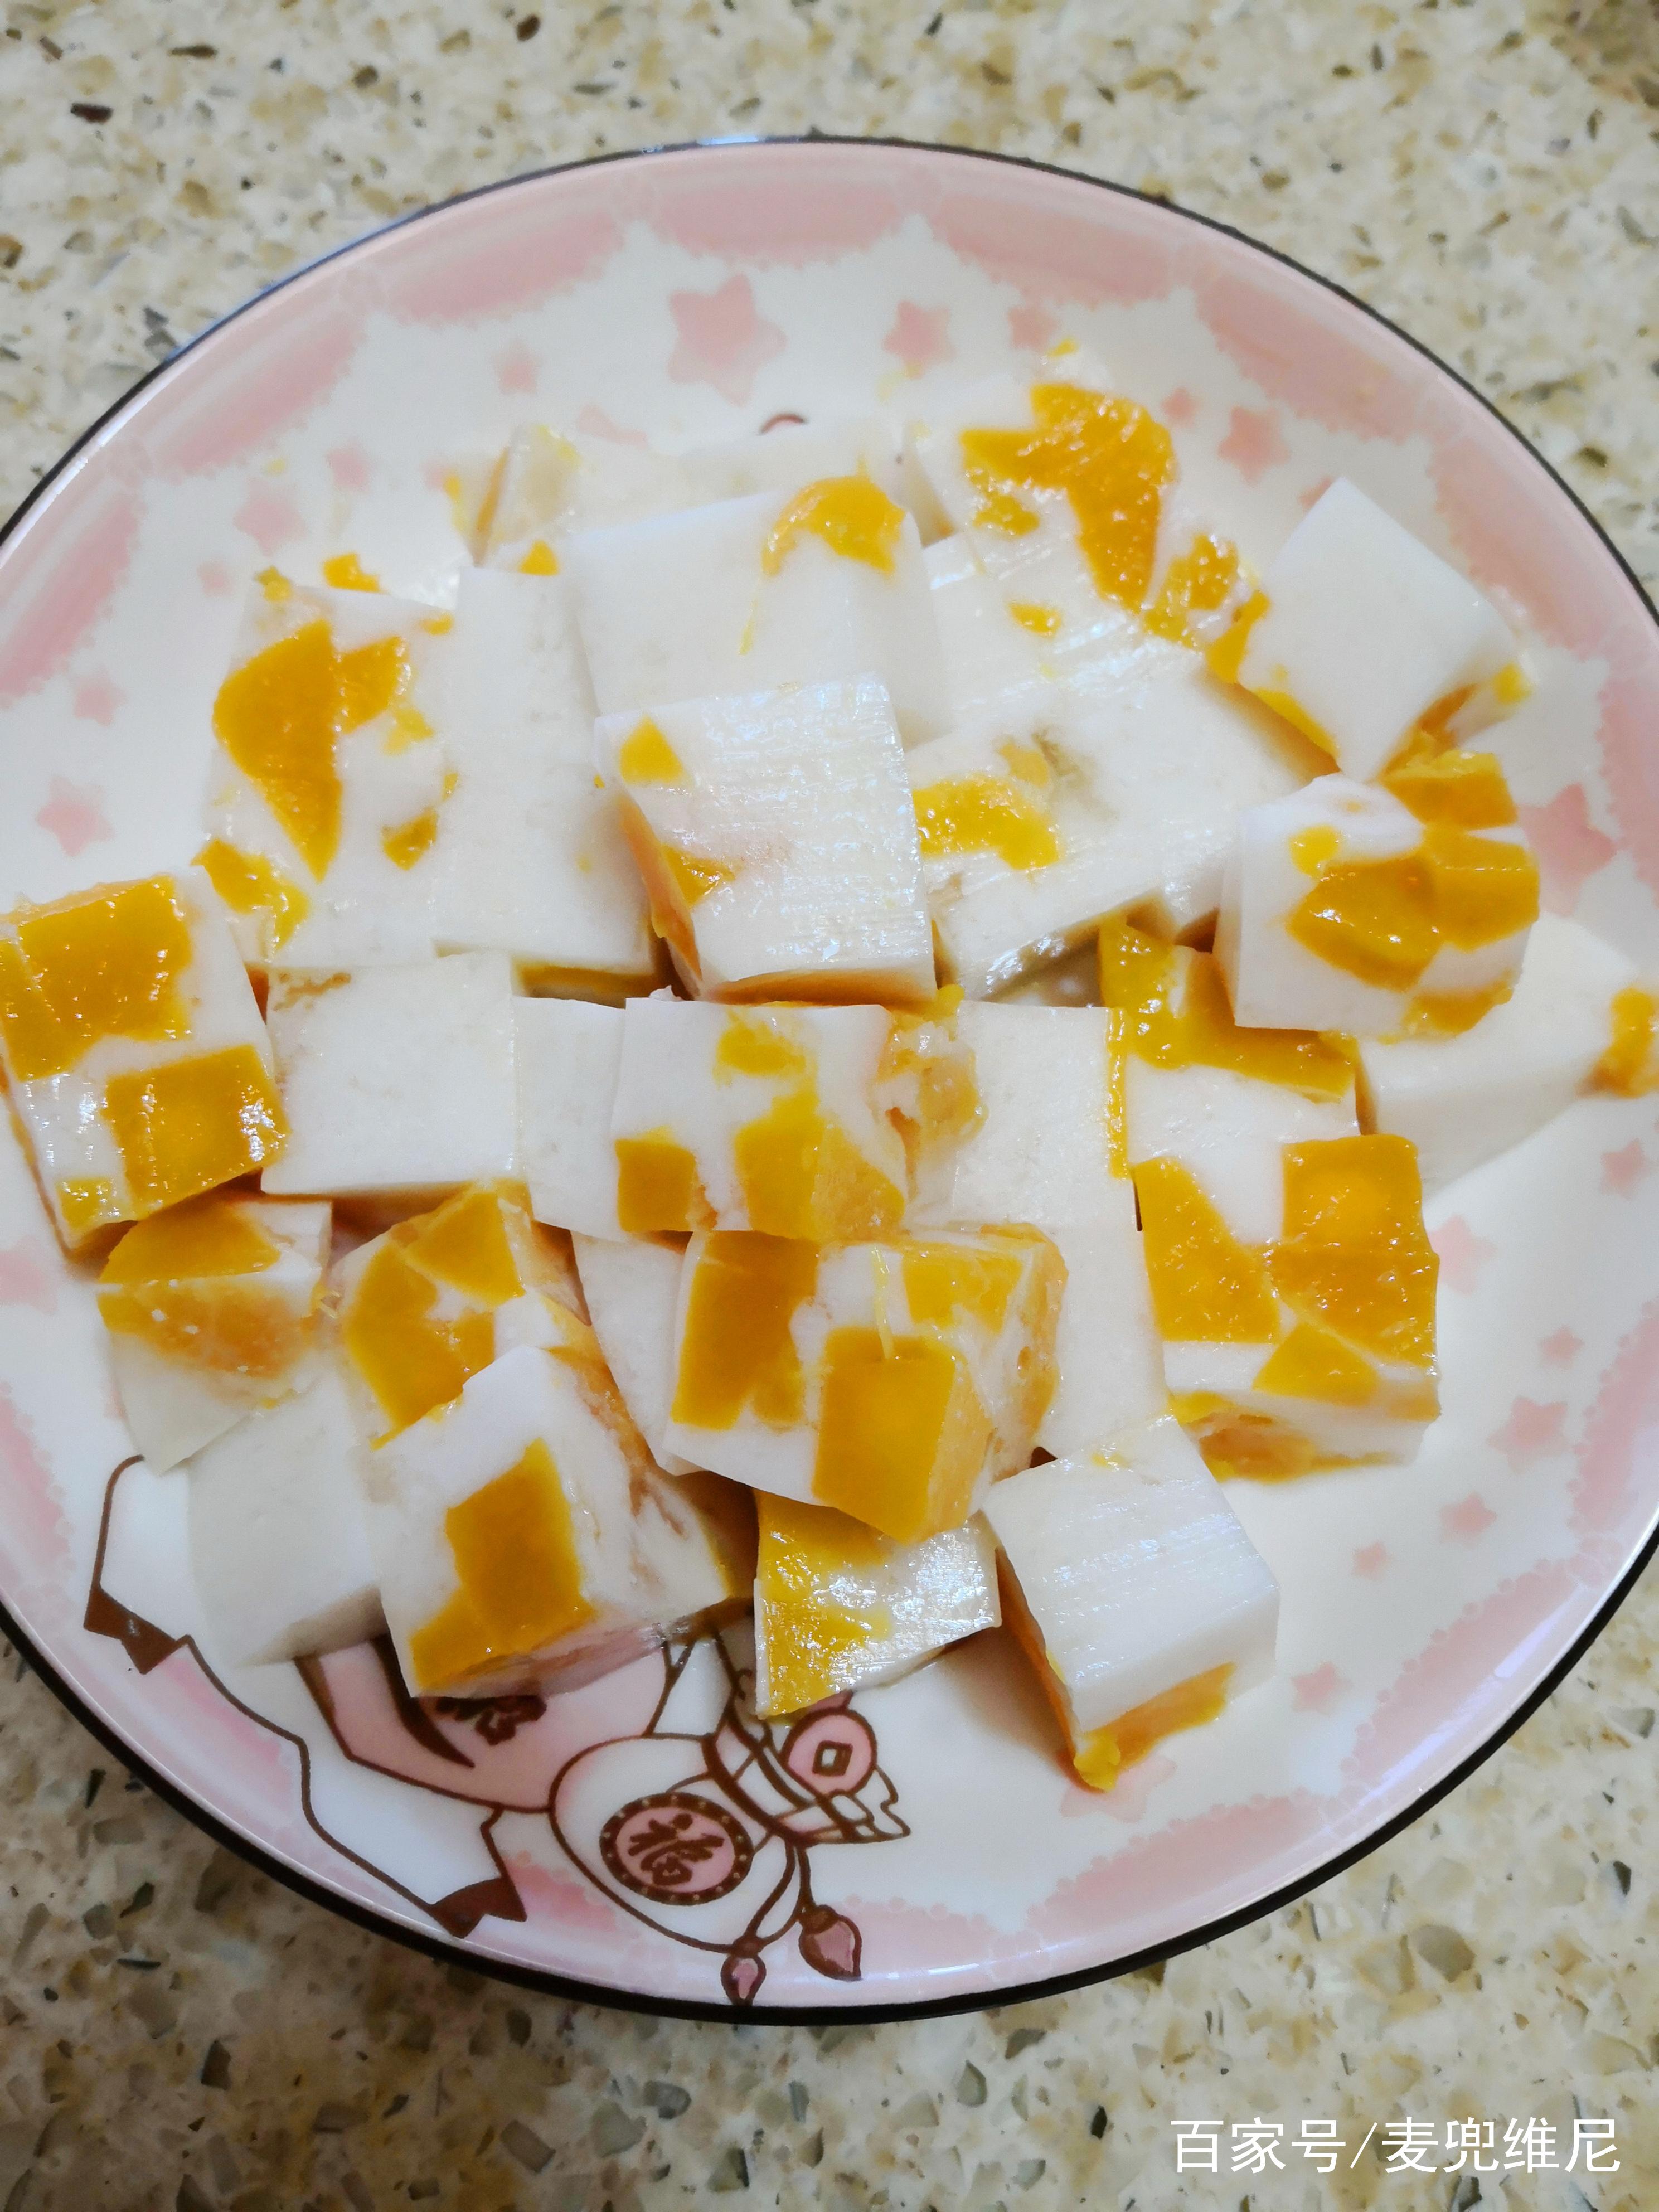 酸奶芒果布丁的做法